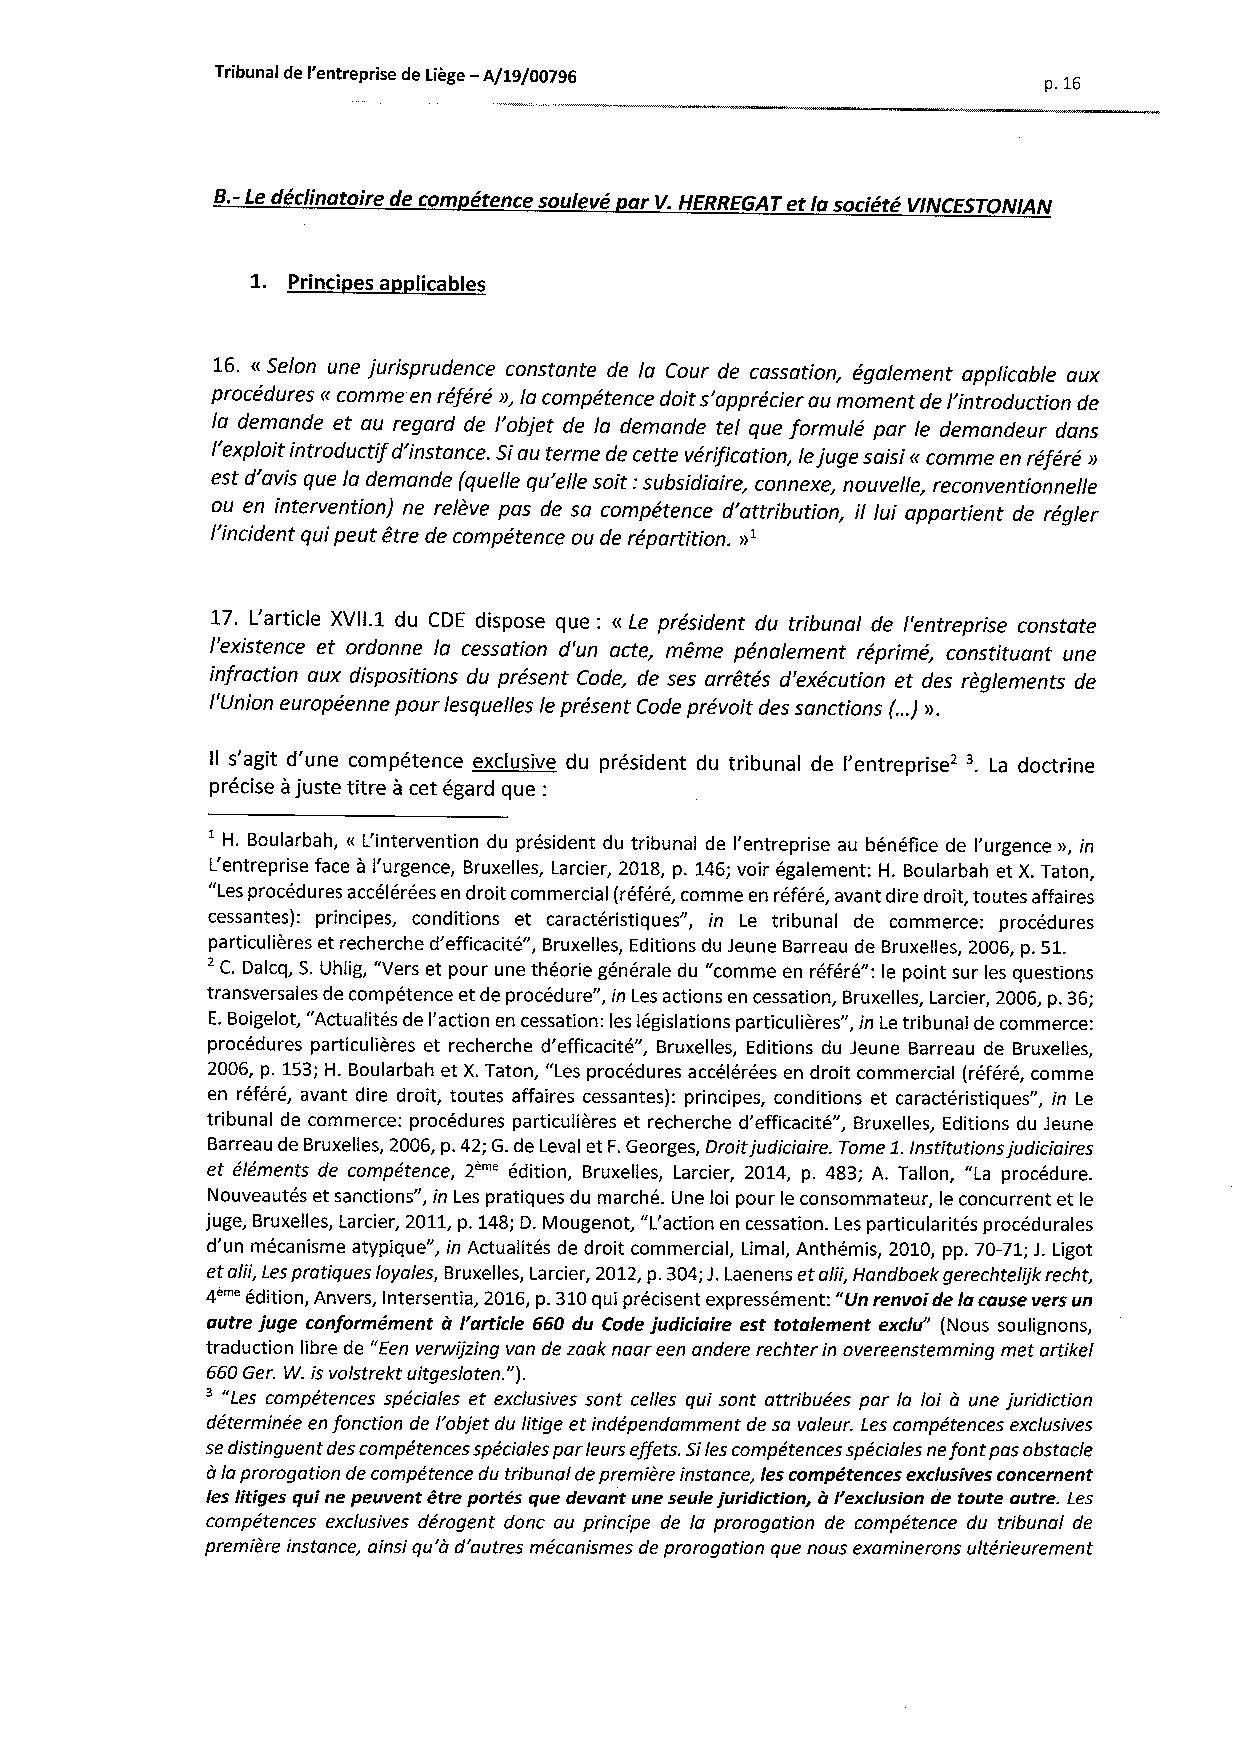 2020 01 10 SUD PRESSE c HERREGAT V et VINCESTONIAN SDE PLC (A-19-00796) aud 6-12-2019-page-016